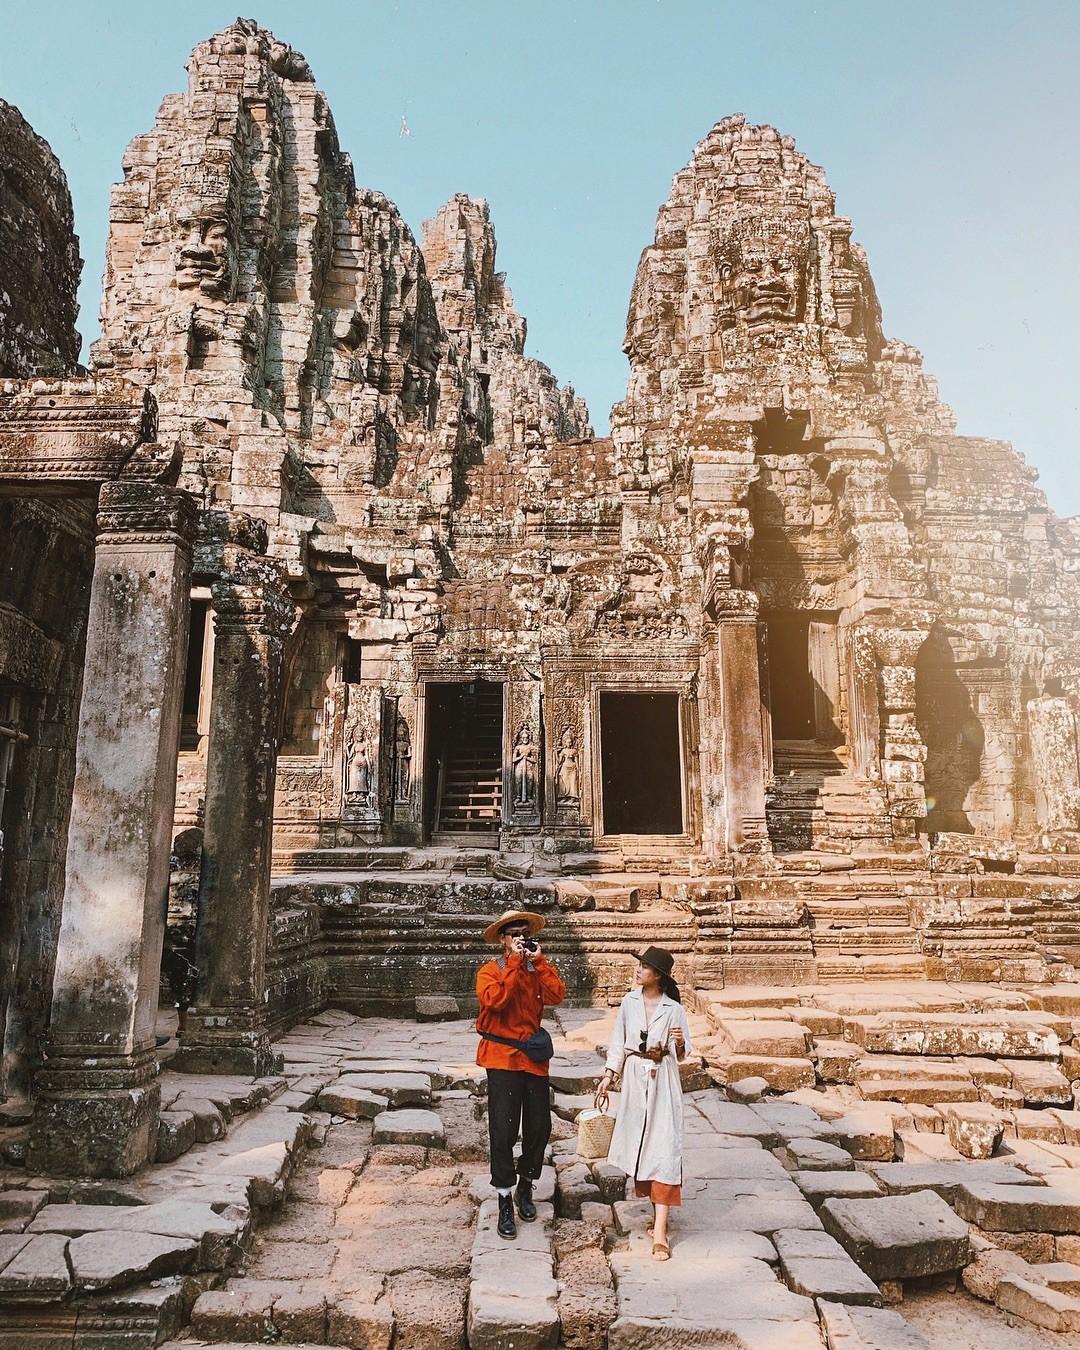 CNN công bố 19 điểm đến du lịch tốt nhất châu Á, Việt Nam có tới 2 đại diện bất ngờ lọt top - Ảnh 11.